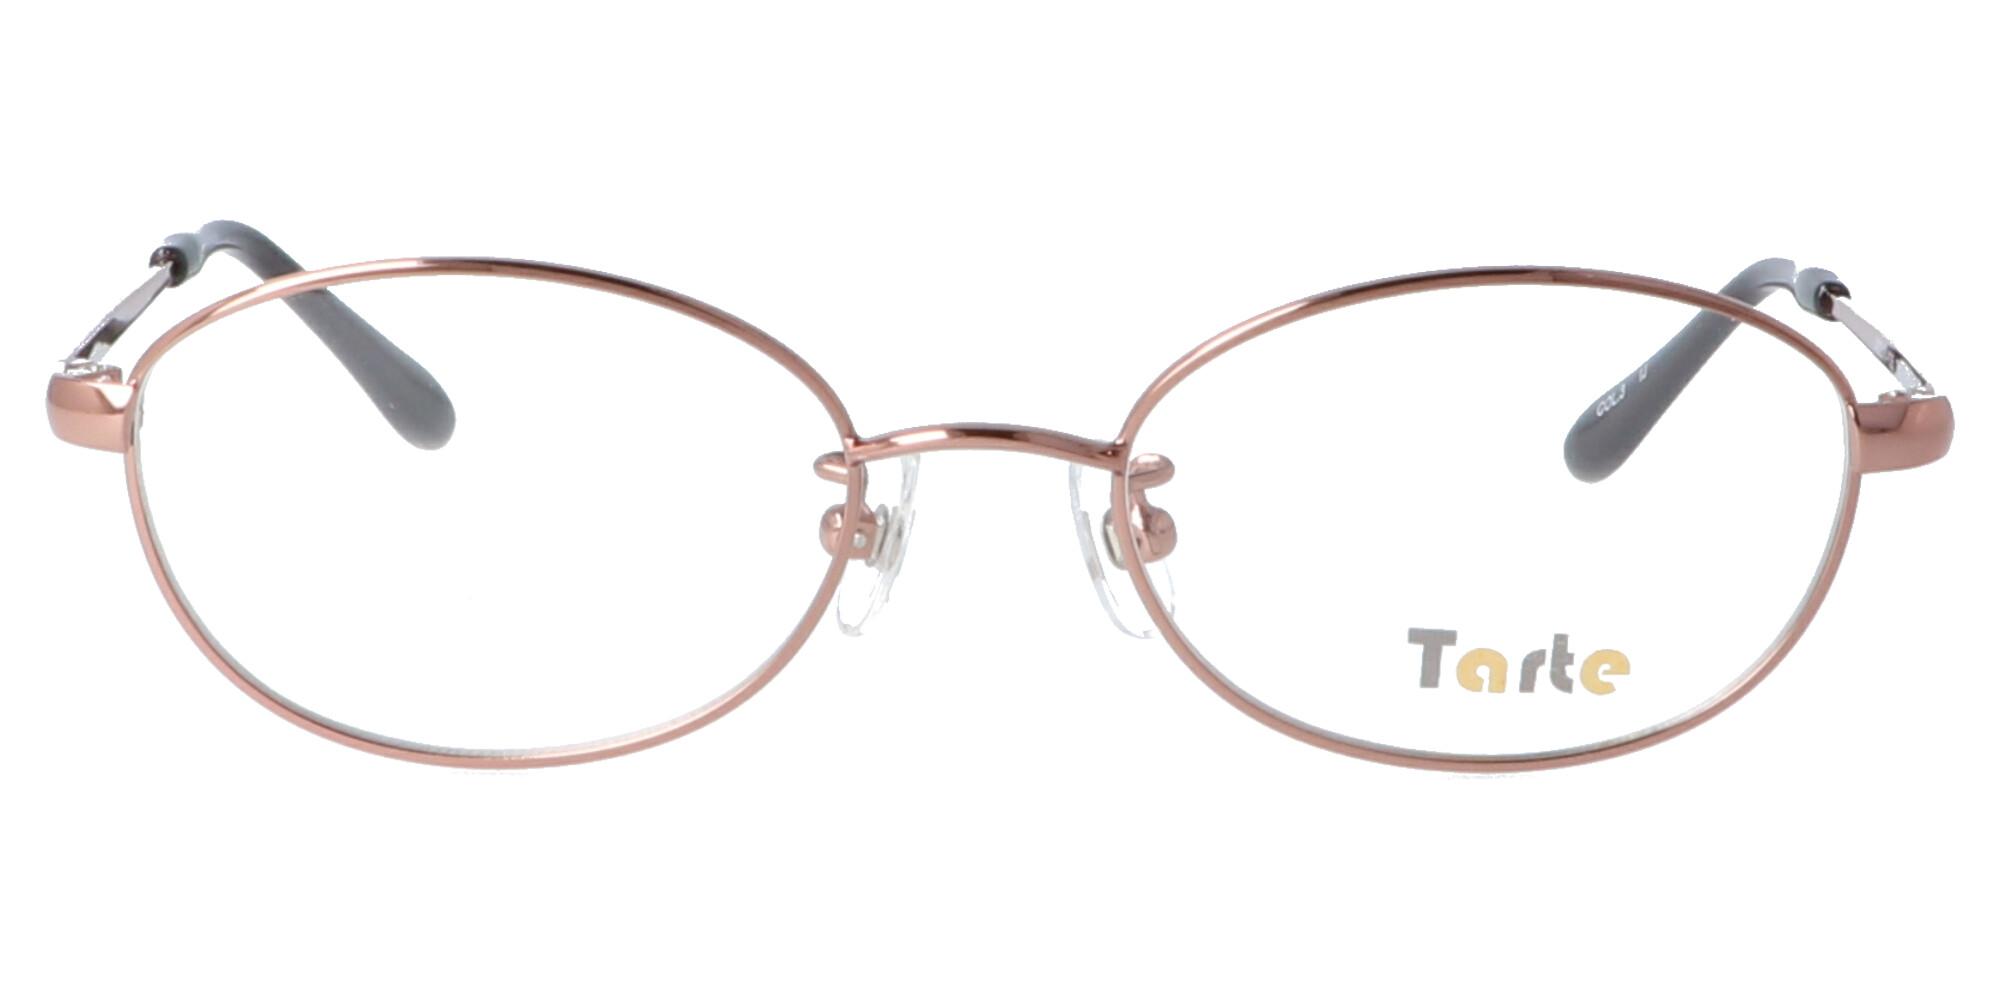 タルト TAR1518_48_オレンジブラウン